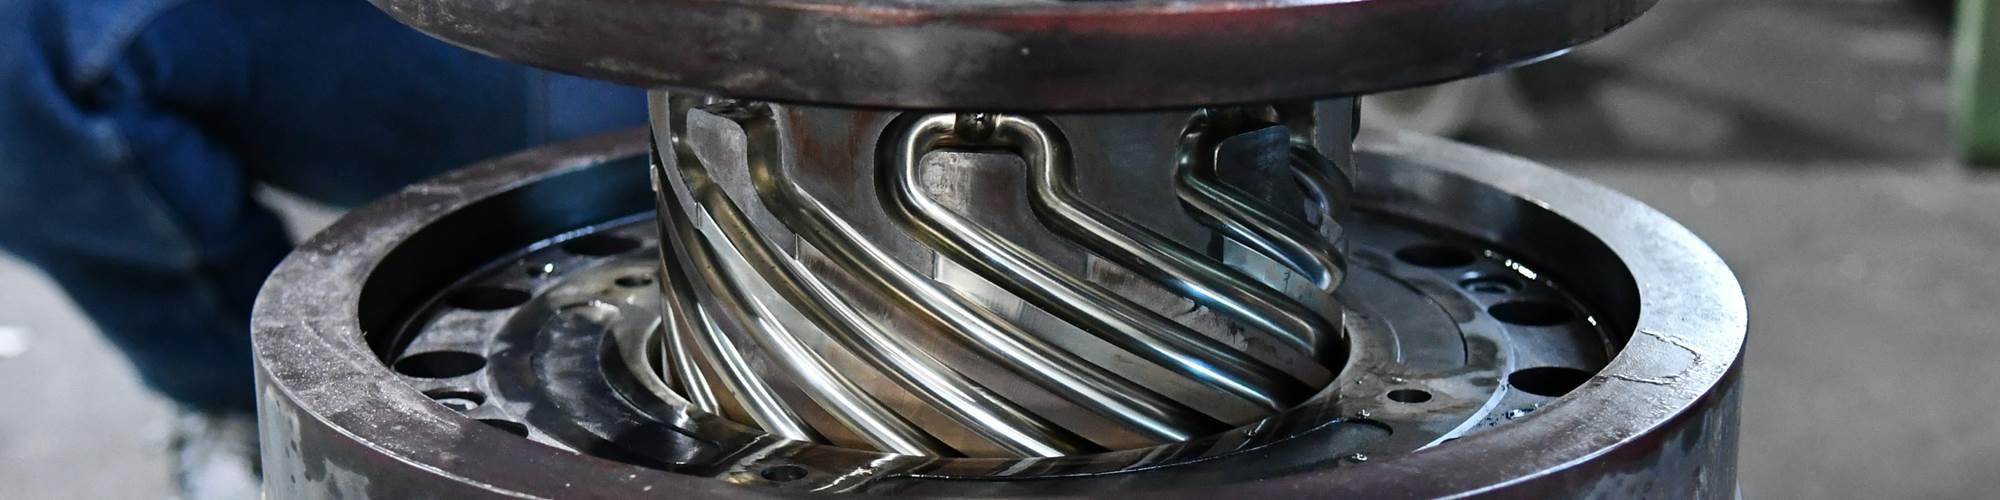 El servicio de limpieza flexible de pirólisis al vacío de Schwing reduce los costes de mantenimiento, el tiempo de inactividad de la planta y la pérdida de producción.